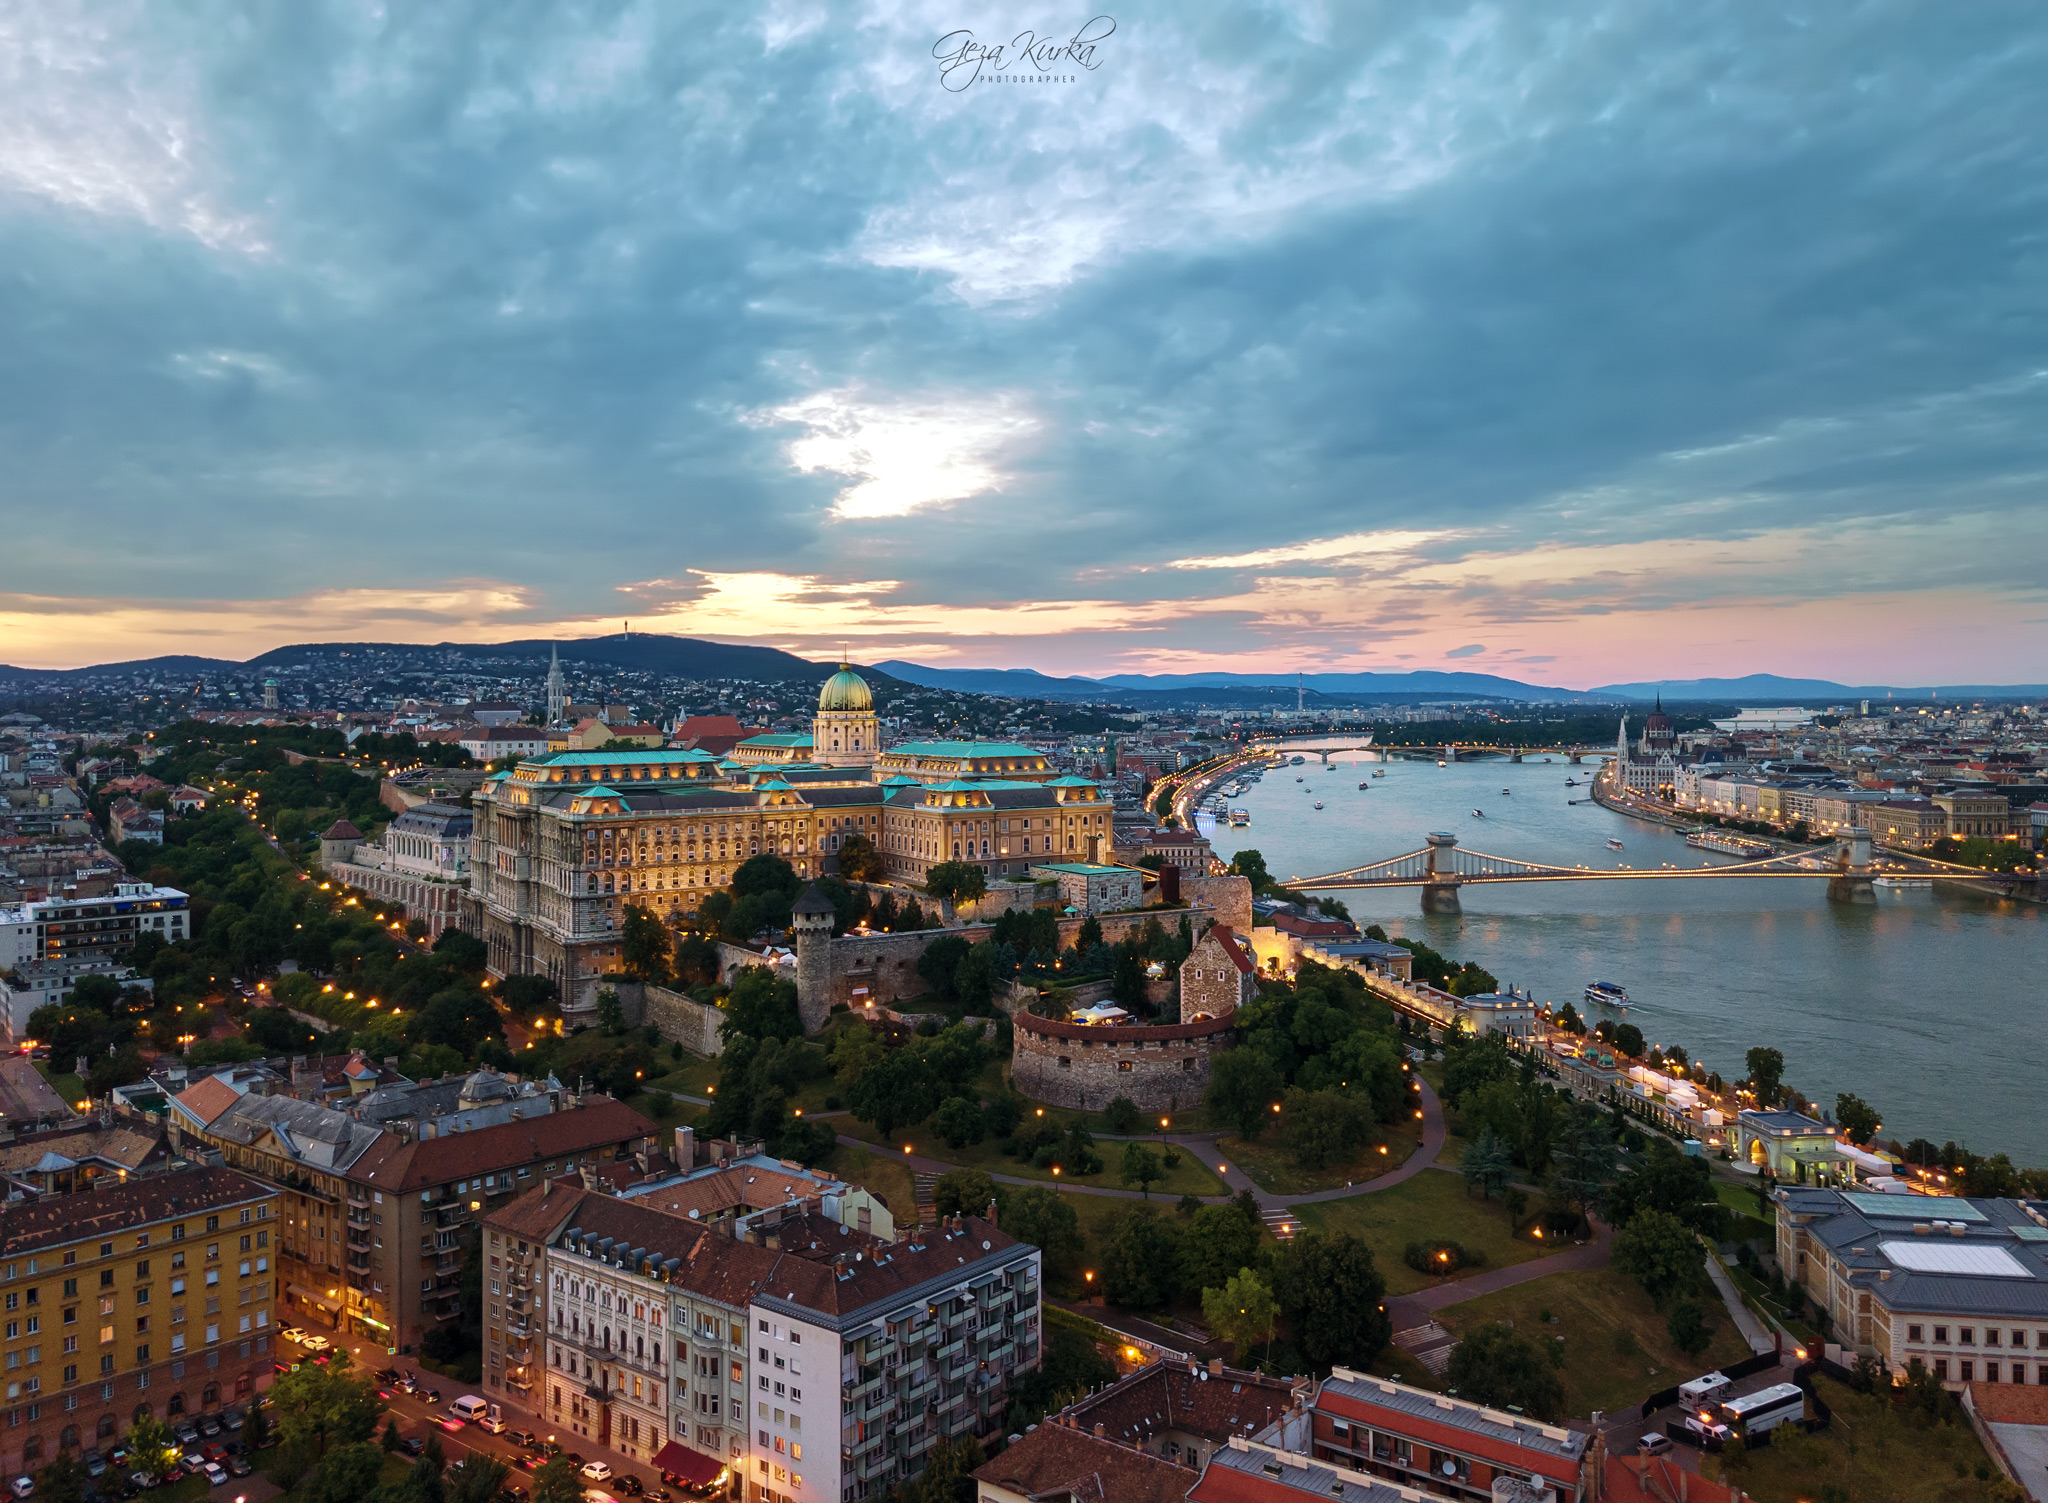 Buda Castle from Gellert Hill, Hungary